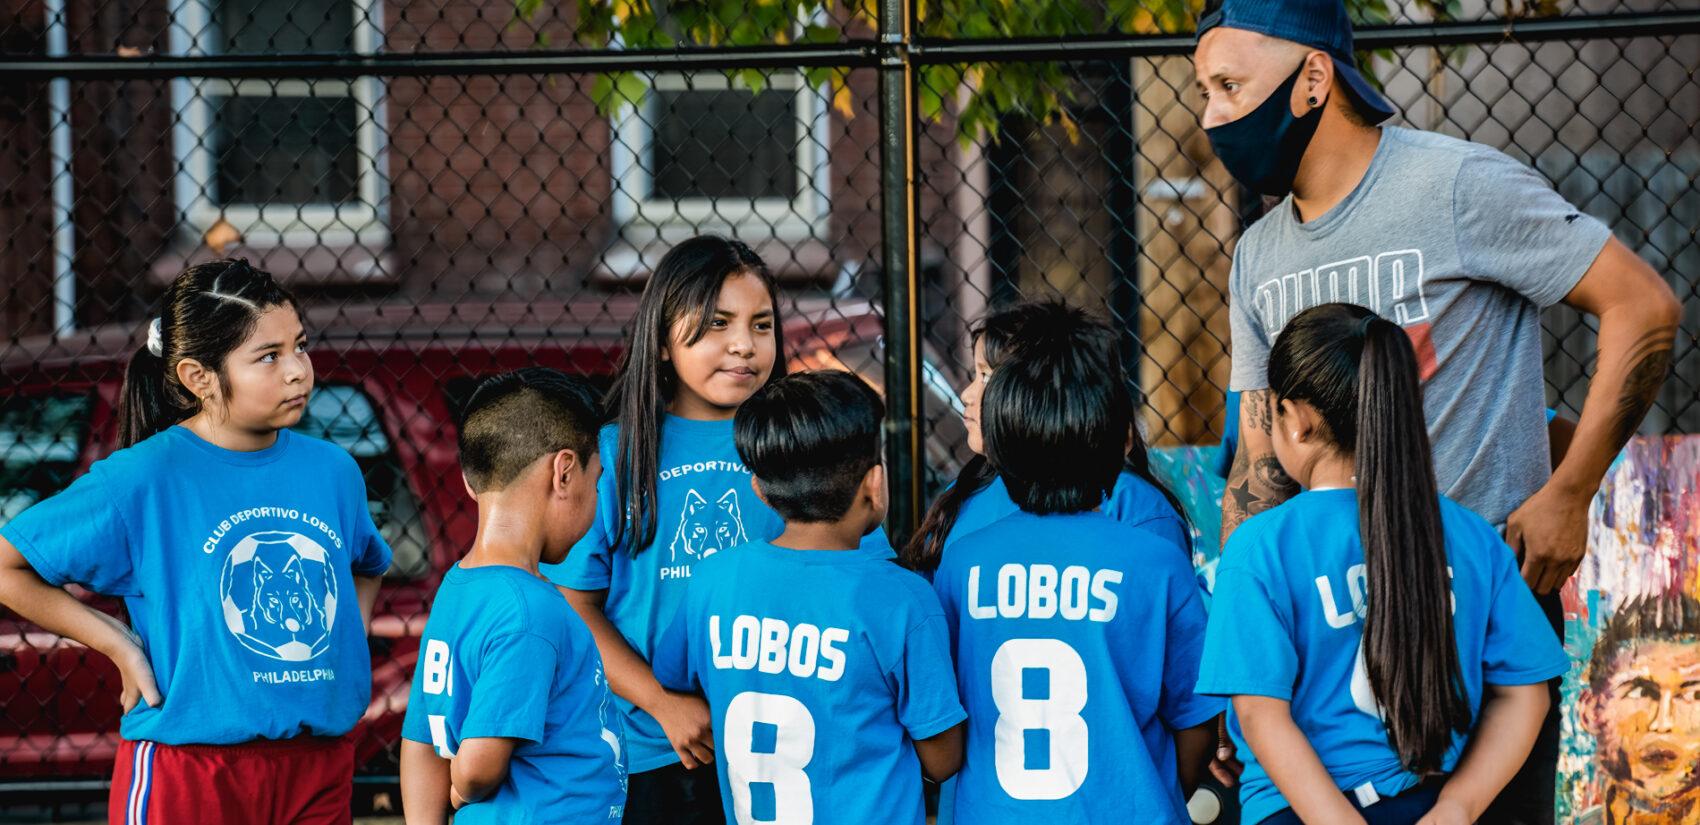 In contrast to the tradition in soccer, the league's teams are mixed-gender. | En contraste con la tradición en el fútbol, los equipos de la liga son mixto con hembras y varones. (Photo by Eugenio Salas for WHYY)